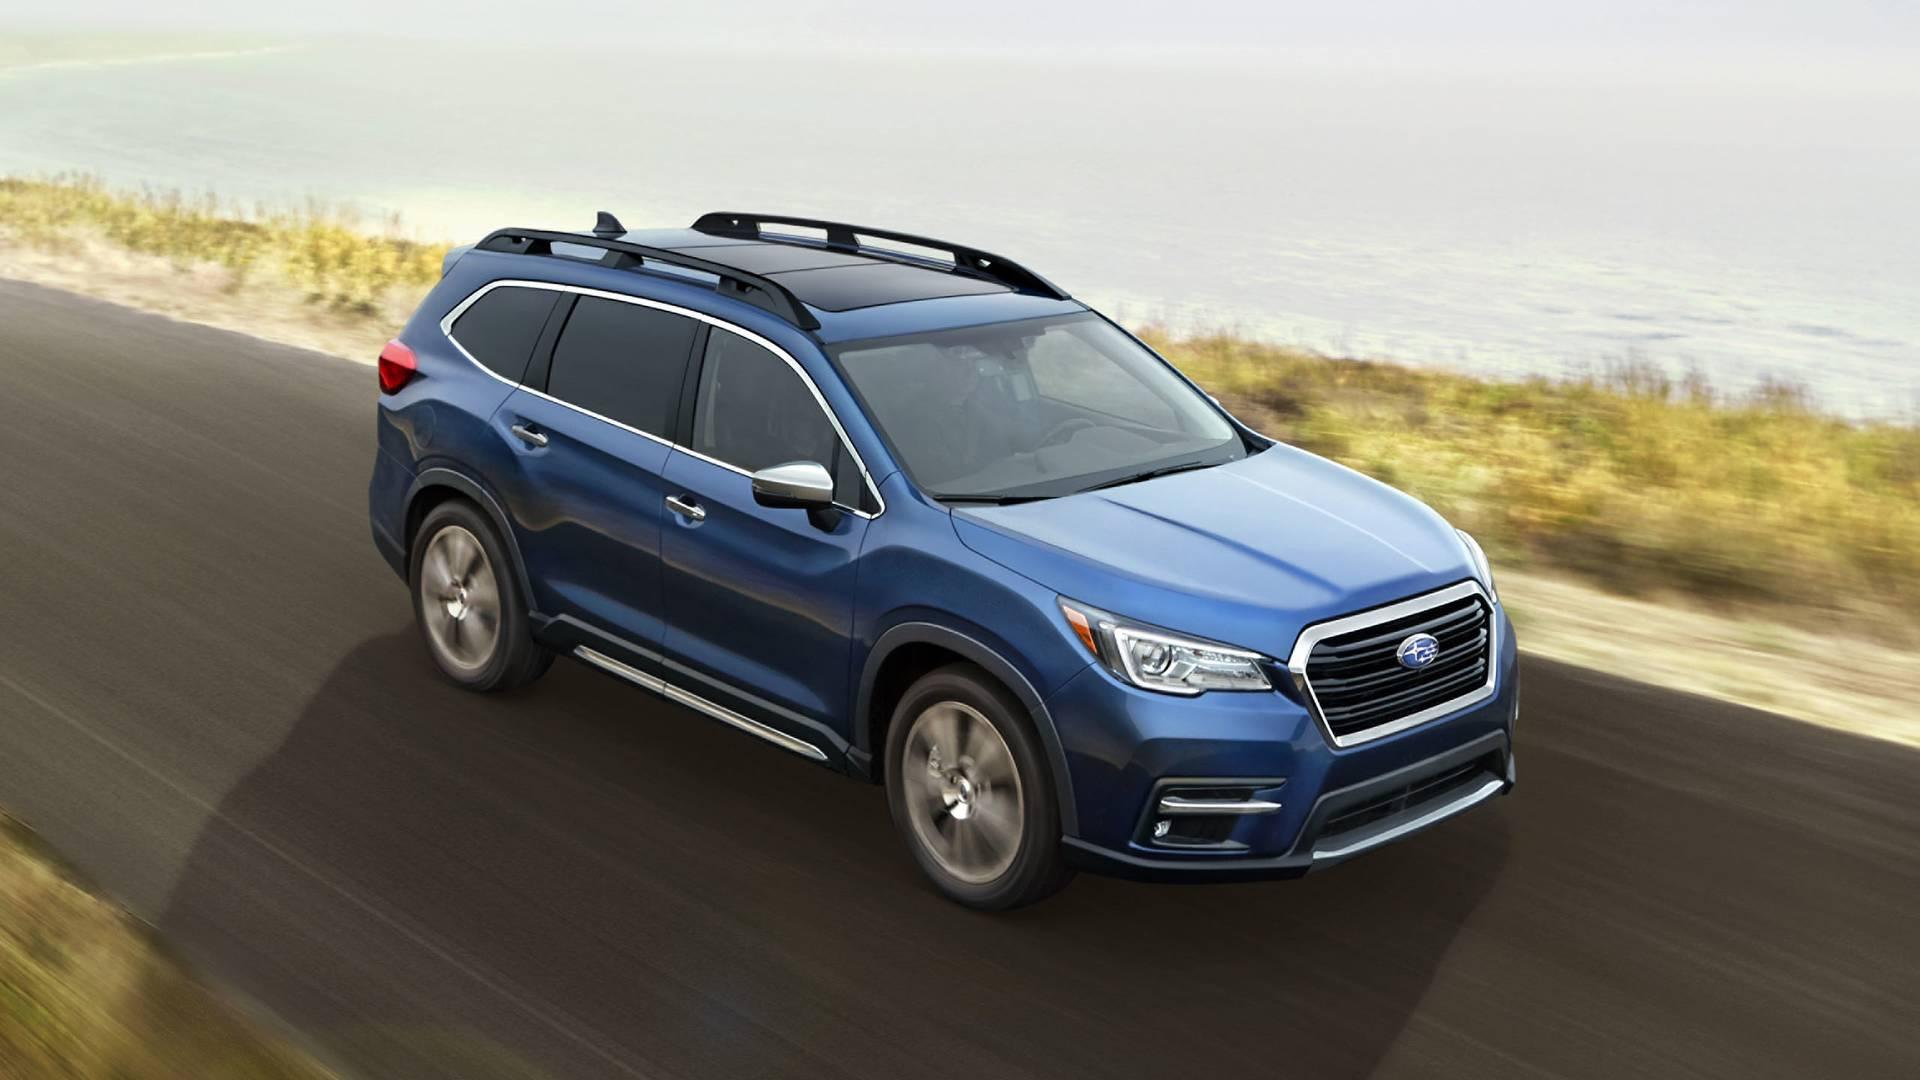 Subaru Suv 2017 >> Subaru Ascent 2019 – SUV 8-tempat duduk diperkenal Paul Tan - Image 745487